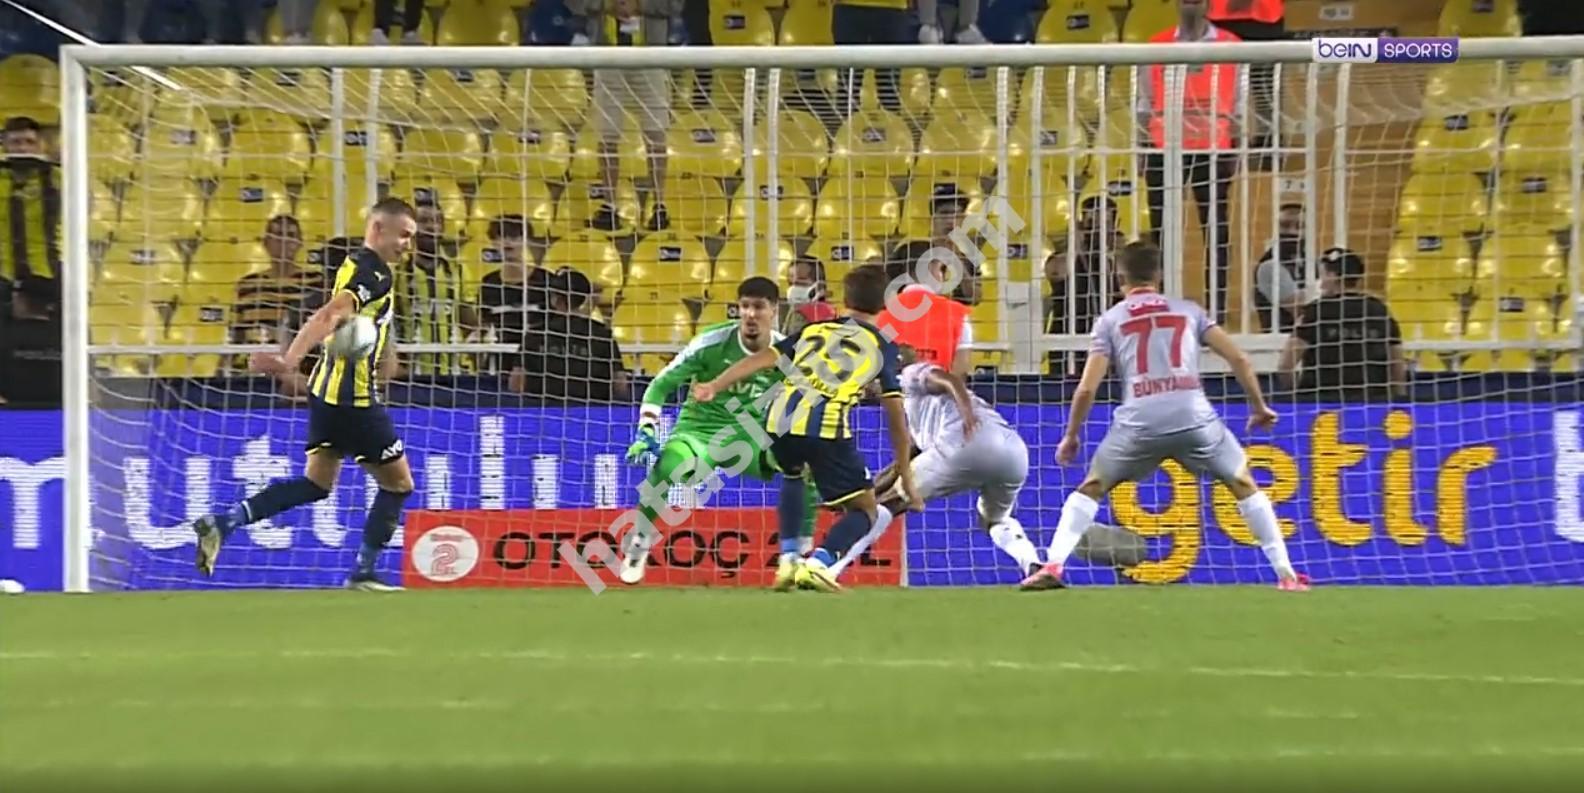 Antalyaspor'un verilmeyen penaltısı üzerine Fenerbahçe'nin gol attığı pozisyon